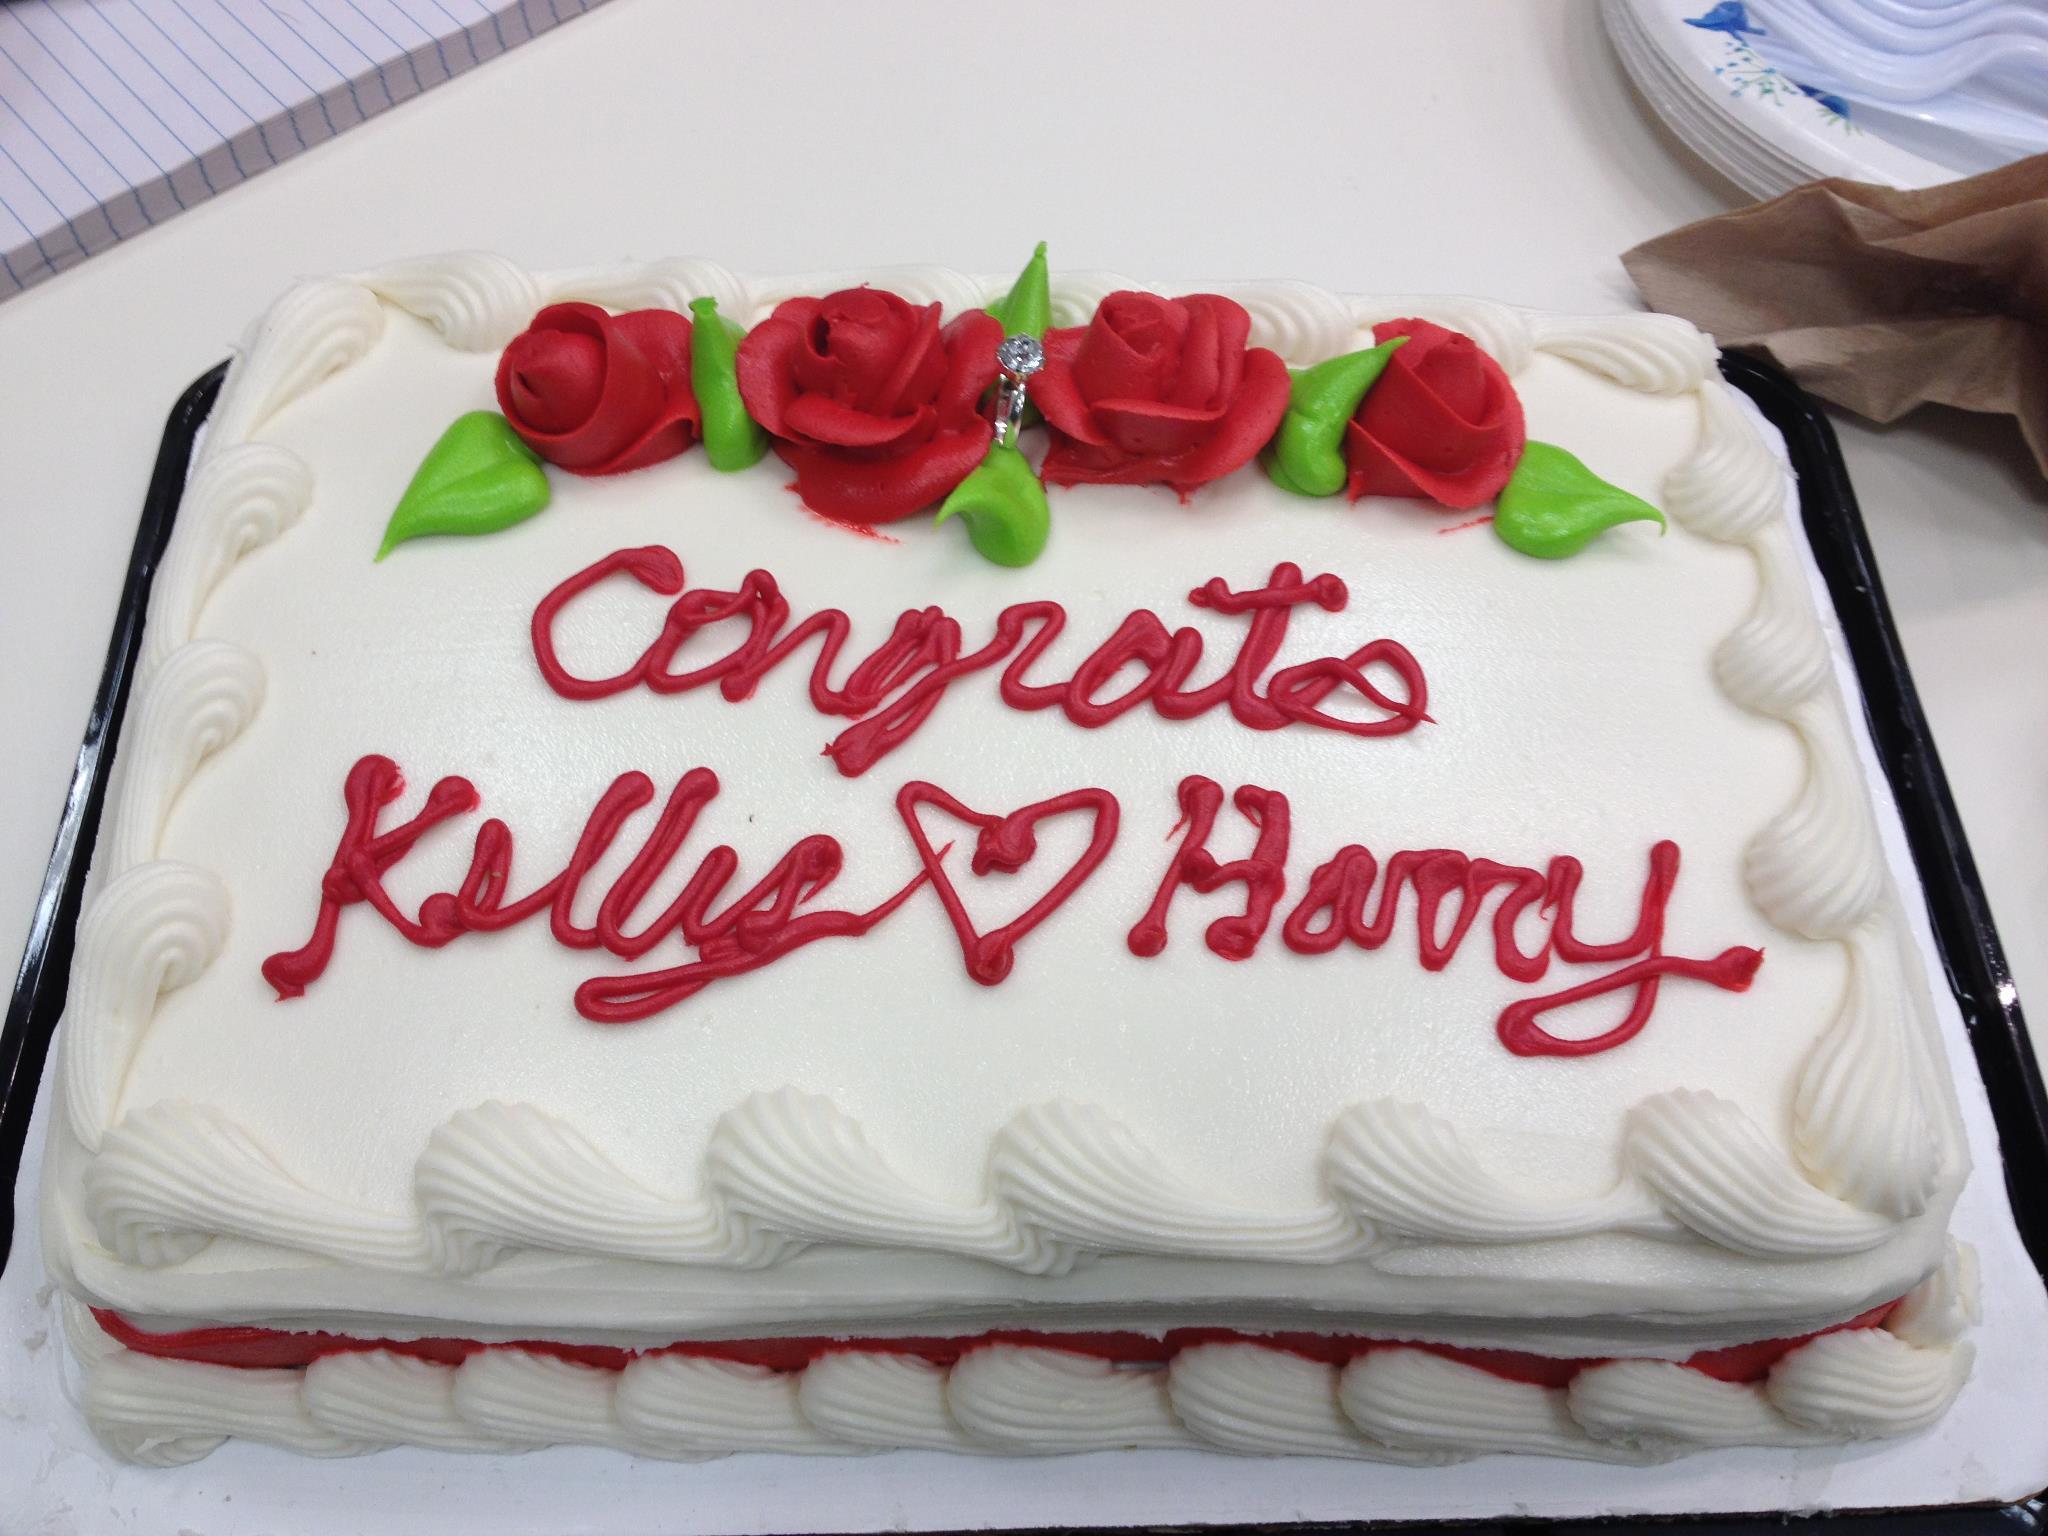 Вкусный белый шоколадный торт ко дню рождения - С Днем Рождения поздравительные картинки